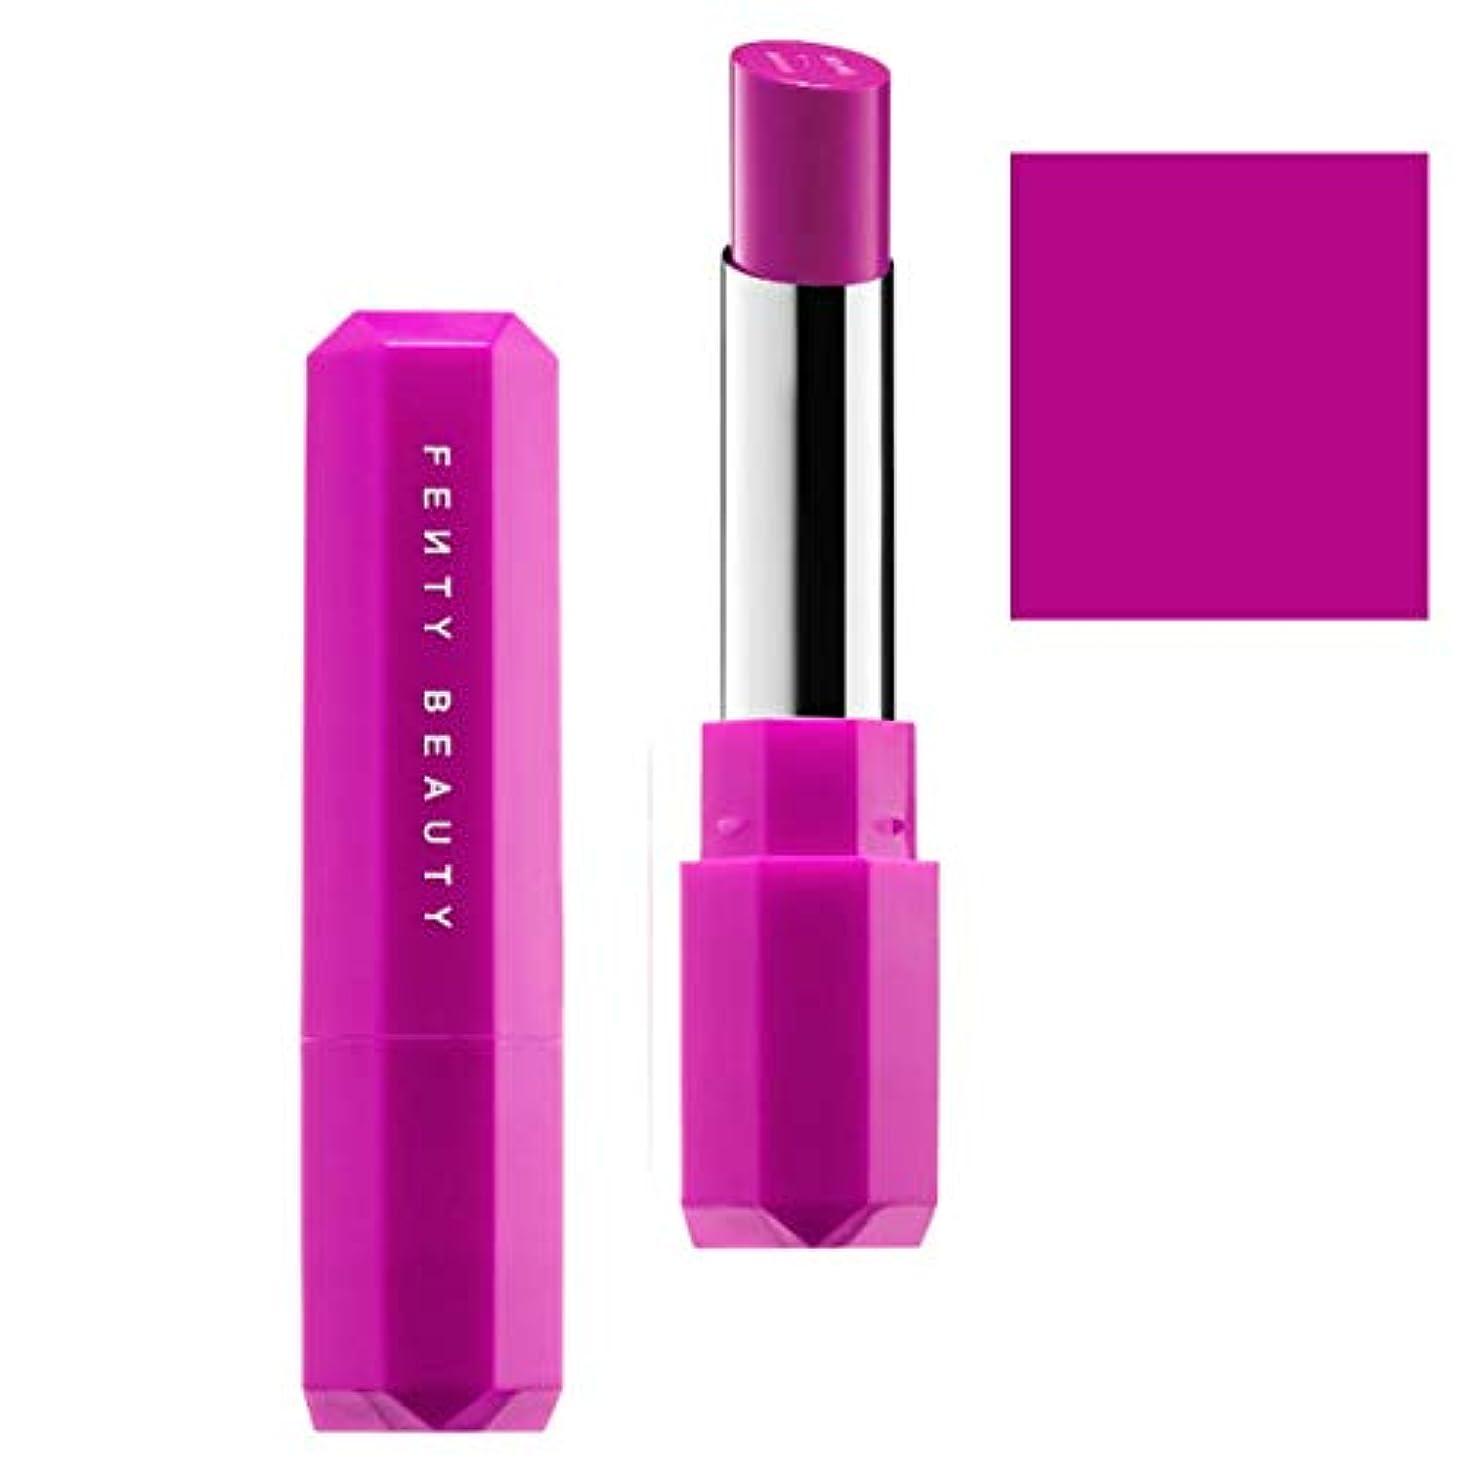 火彼女自身教えるFENTY BEAUTY BY RIHANNA,New!!, 限定版 limited-edition, Poutsicle Juicy Satin Lipstick - Purpcicle [海外直送品] [並行輸入品]